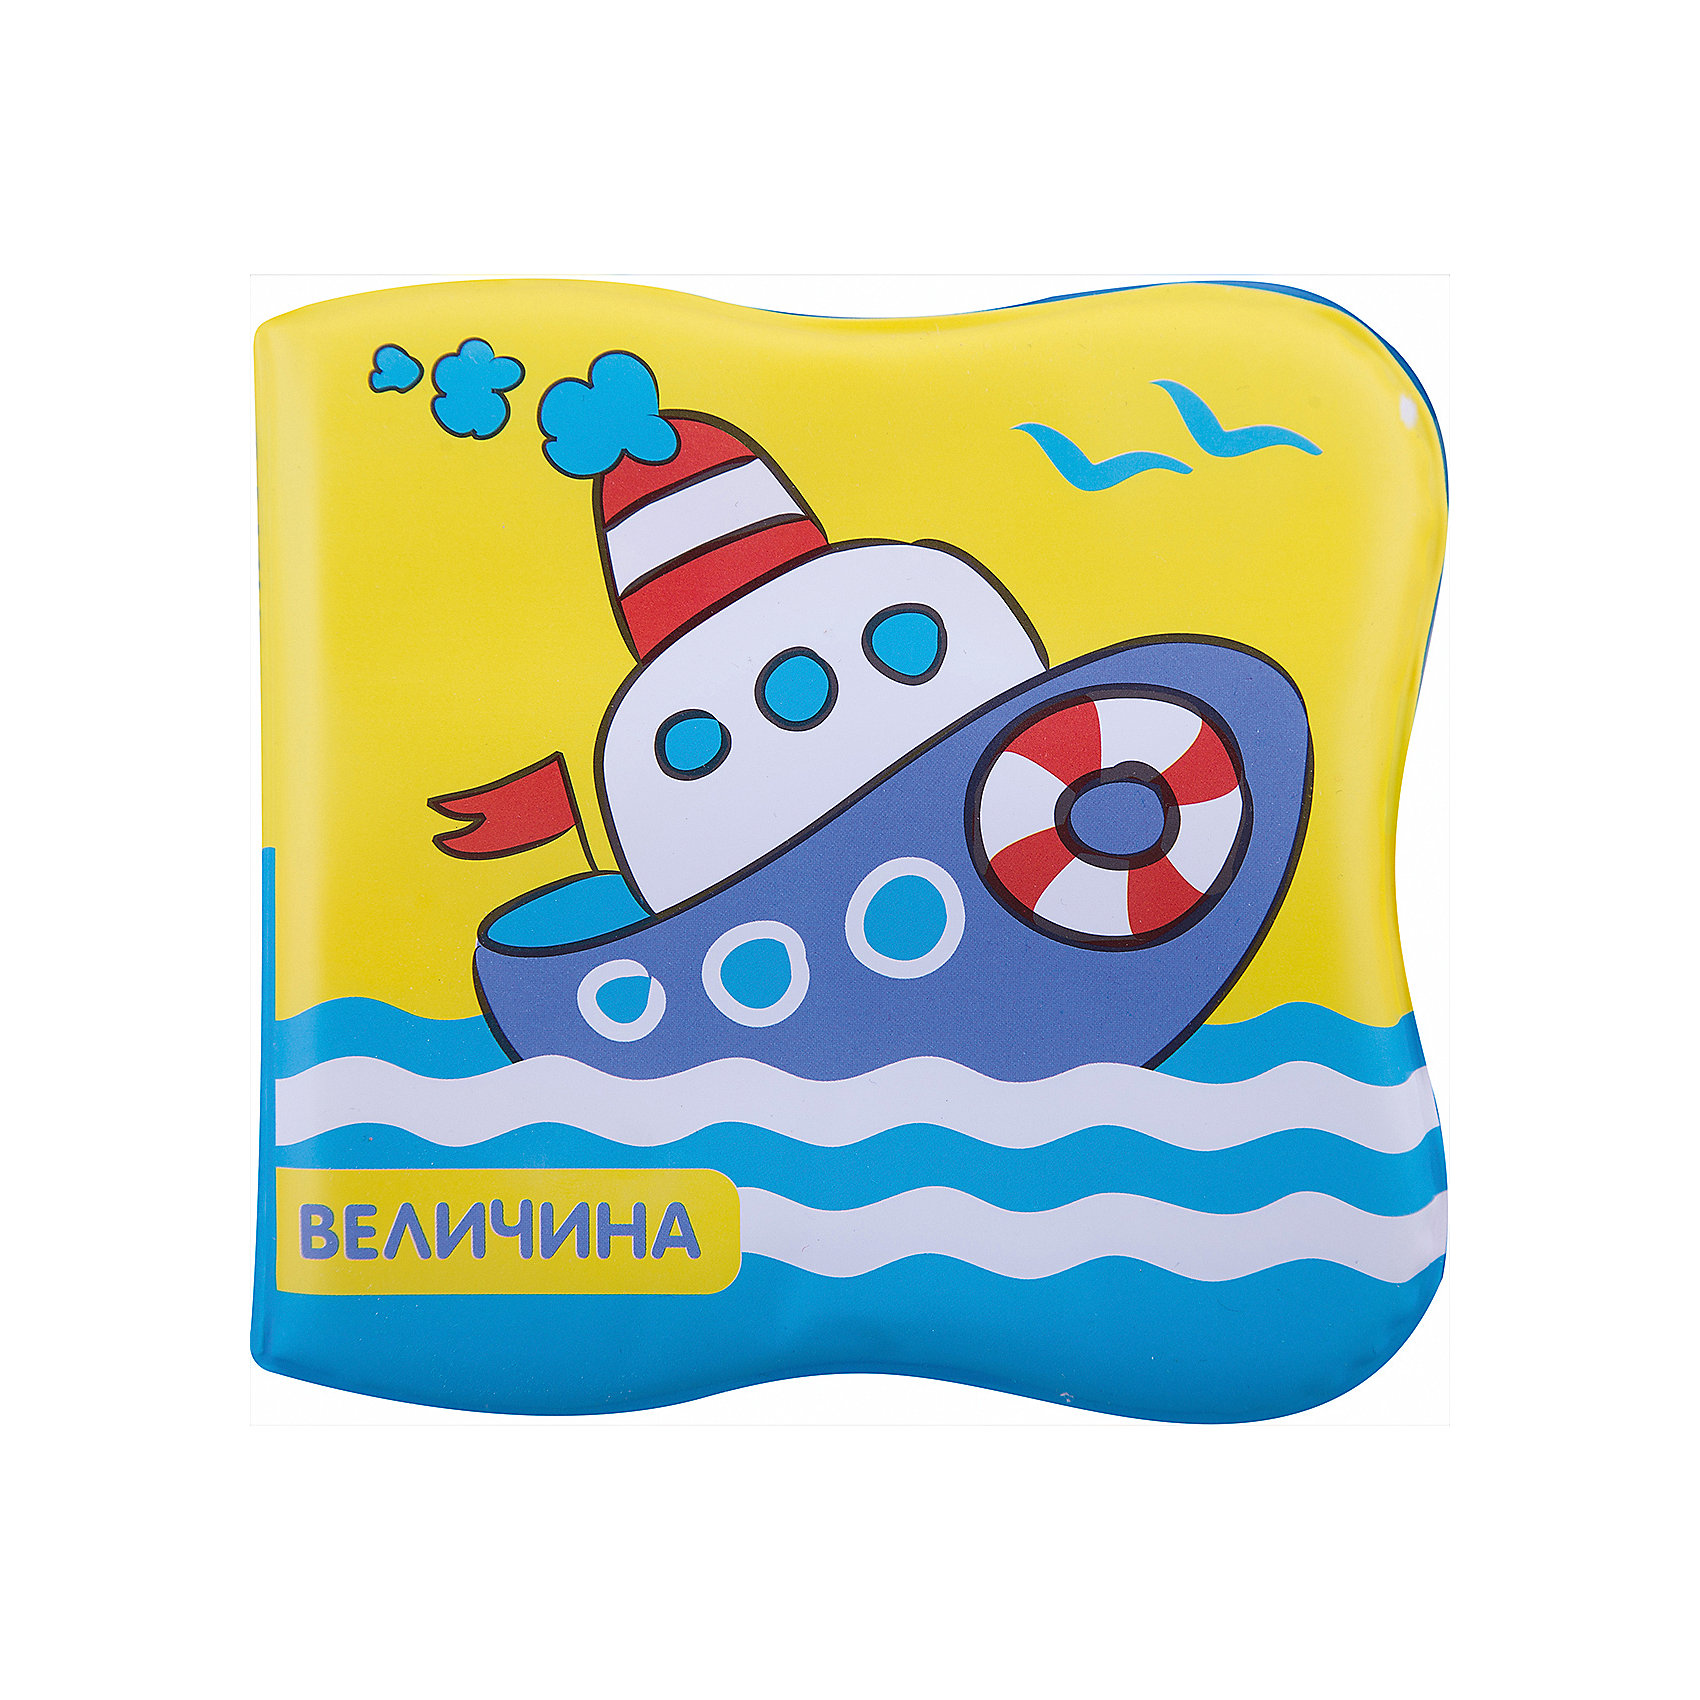 Книжка для ванной Кораблик, КупашкиМозаика-Синтез<br>Характеристики книжки для ванной Кораблик: <br><br>• возраст: до 3 лет<br>• пол: для мальчиков и девочек<br>• материал: мягкий моющийся материал.<br>• количество страниц: 6.<br>• размер игрушки: 12.5 х 12.7 х 2 см.<br>• упаковка: пакет с хедером.<br>• иллюстрации: цветные.<br>• тип обложки: мягкий.<br>• бренд: Мозаика-Синтез<br>• страна обладатель бренда: Россия.<br><br>Эта замечательная книжка от торговой марки Мозаика Синтез создана специально для малышей. Не все дети любят купаться, а с этой игрушкой, которая издает забавный писк, купание превратится в увлекательную игру. Родители могут прочитать ребенку стихотворения, напечатанные на страницах, благодаря которым он познакомится с понятием Величина.<br><br>Книжку для ванной Кораблик торговой марки Мозаика Синтез можно купить в нашем интернет-магазине.<br><br>Ширина мм: 20<br>Глубина мм: 127<br>Высота мм: 125<br>Вес г: 37<br>Возраст от месяцев: 0<br>Возраст до месяцев: 36<br>Пол: Унисекс<br>Возраст: Детский<br>SKU: 5362910